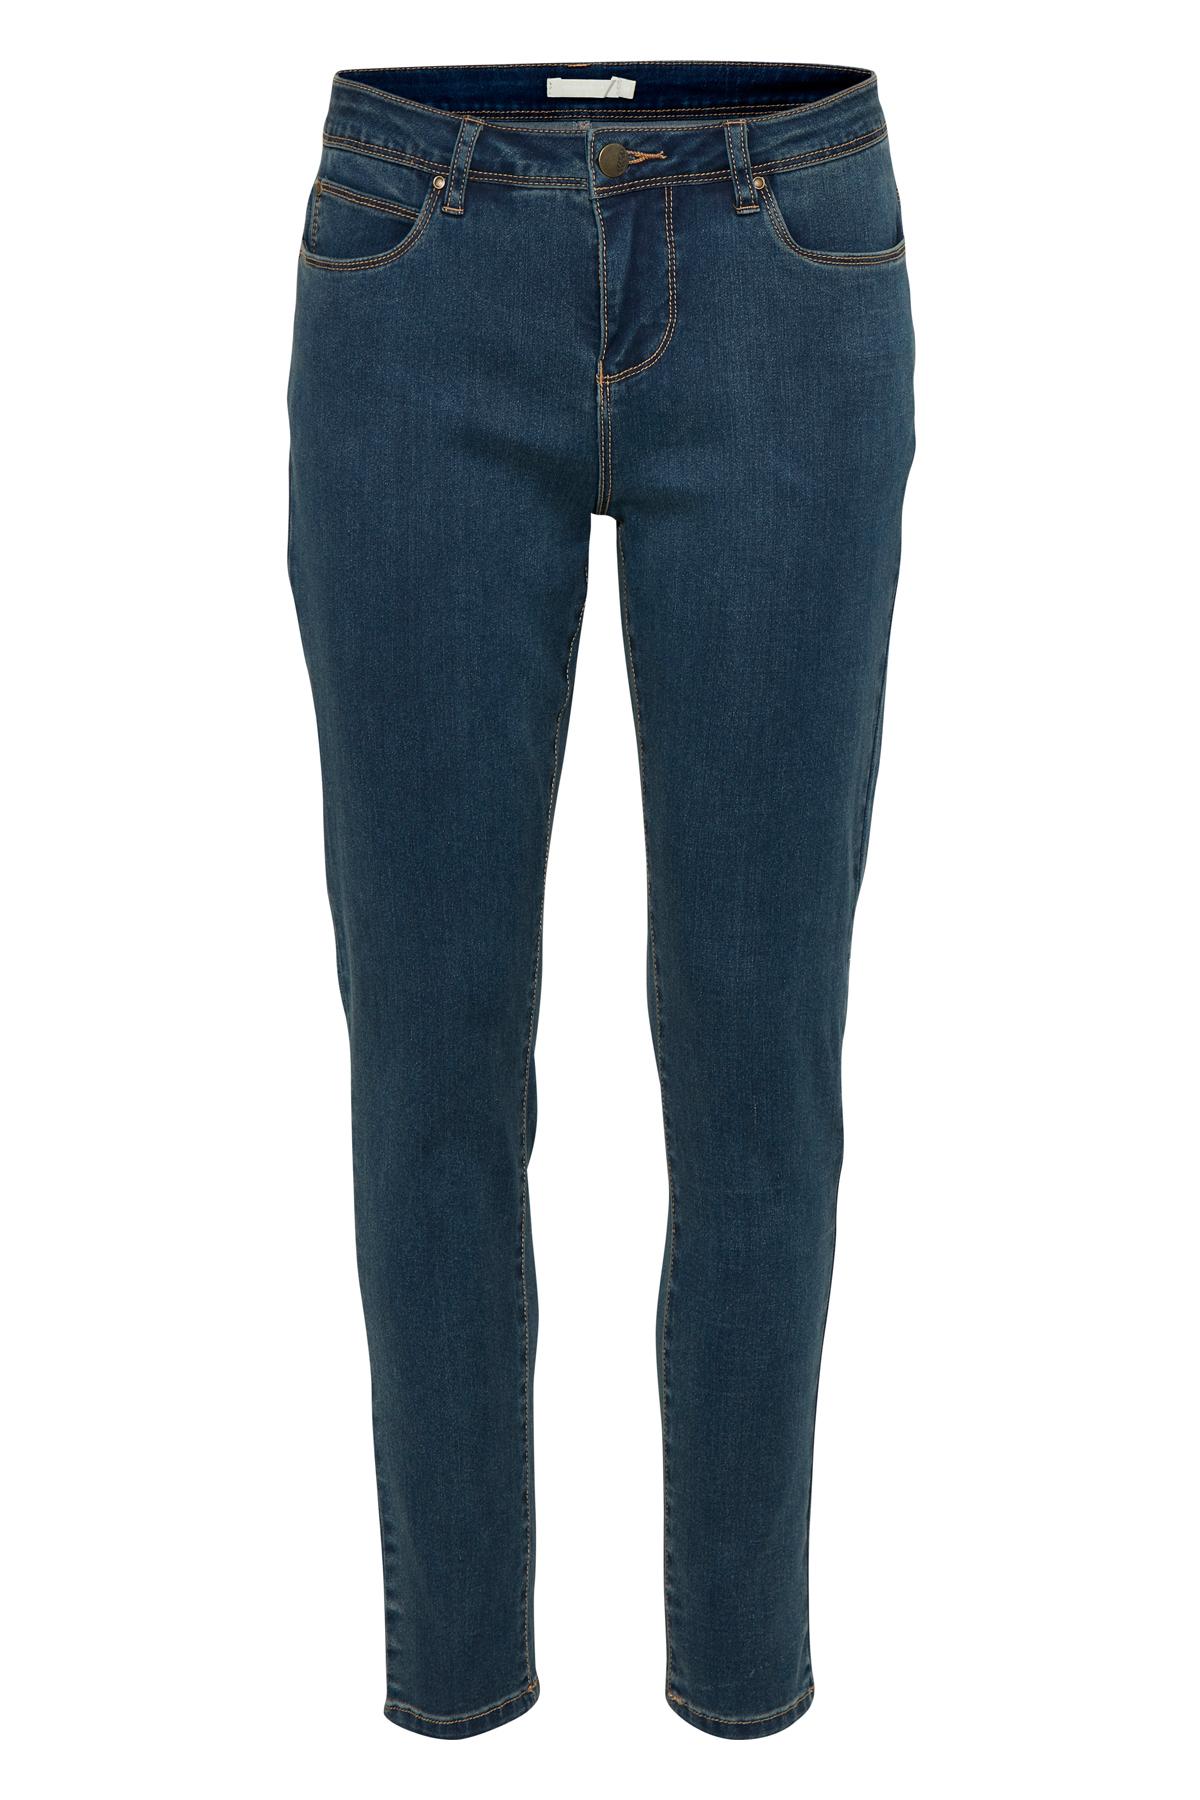 Dunkel denimblau Jeans von Bon'A Parte – Shoppen Sie Dunkel denimblau Jeans ab Gr. 36-48 hier